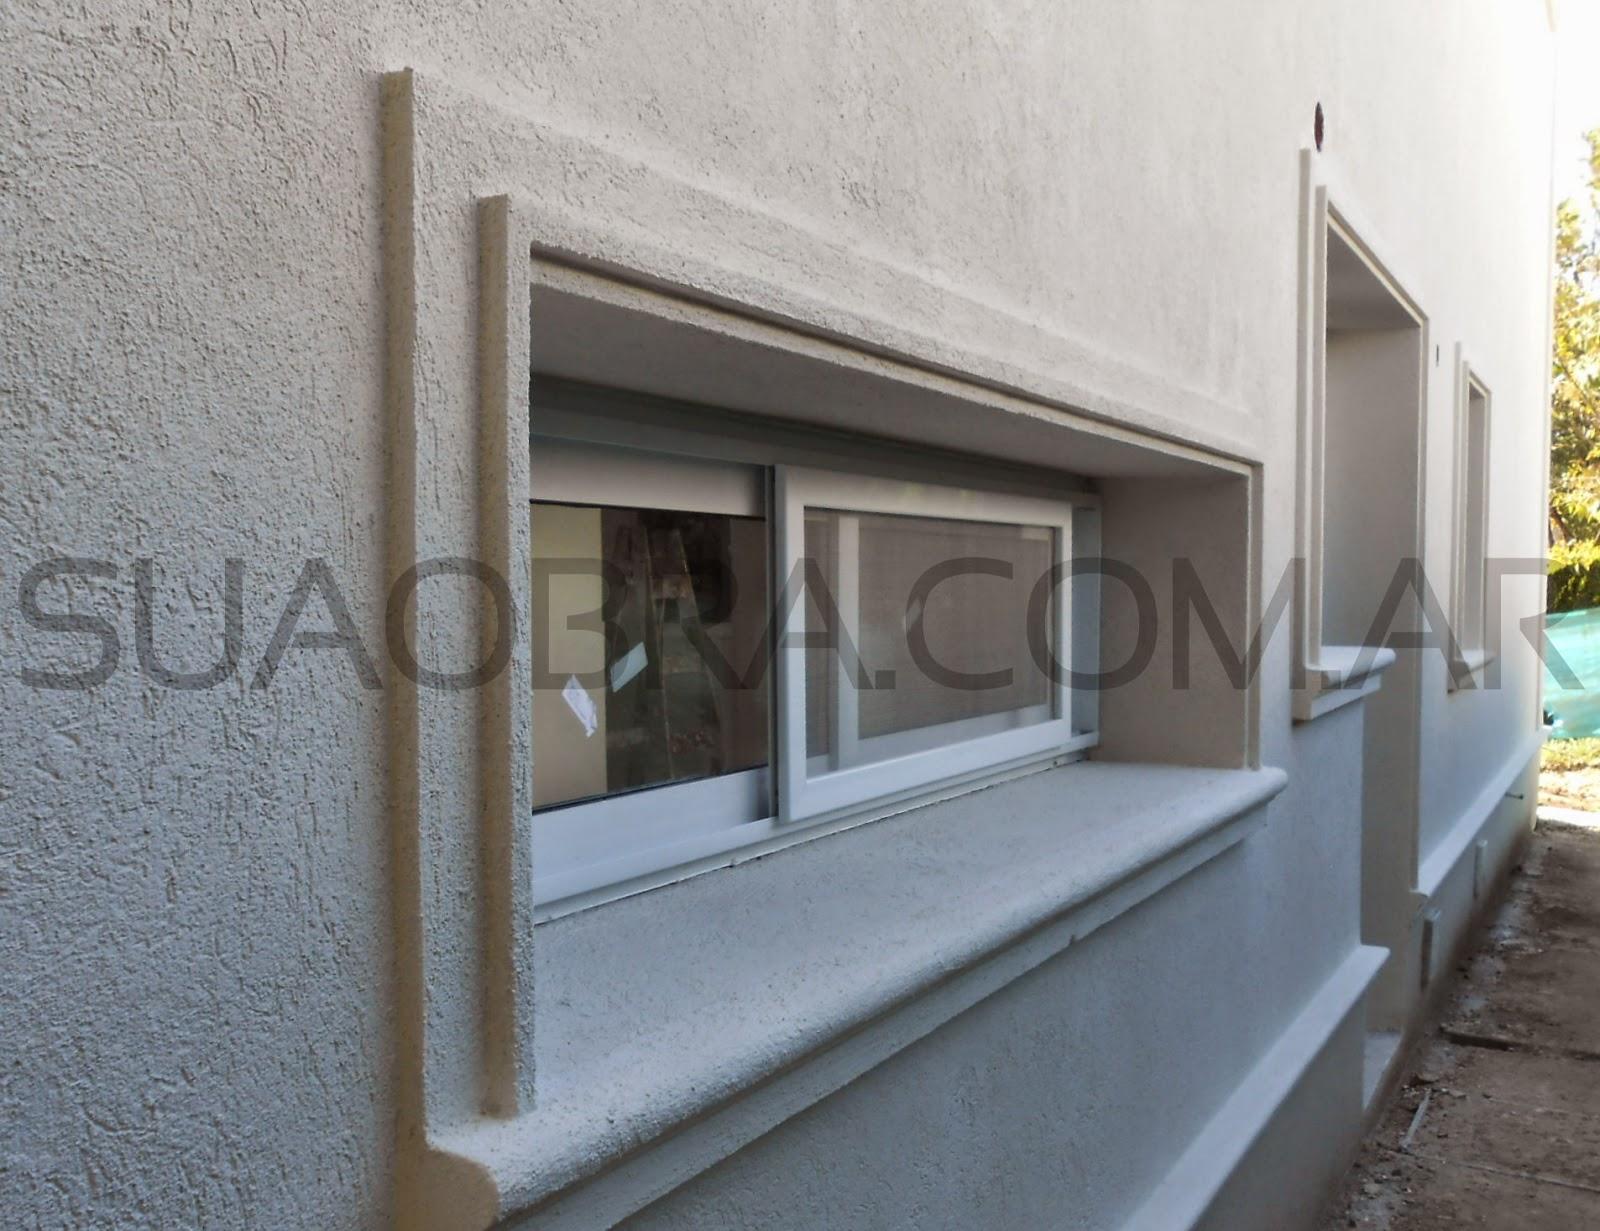 Revestimiento de paredes exteriores tarquini aplicacion - Revestimiento para paredes exteriores ...